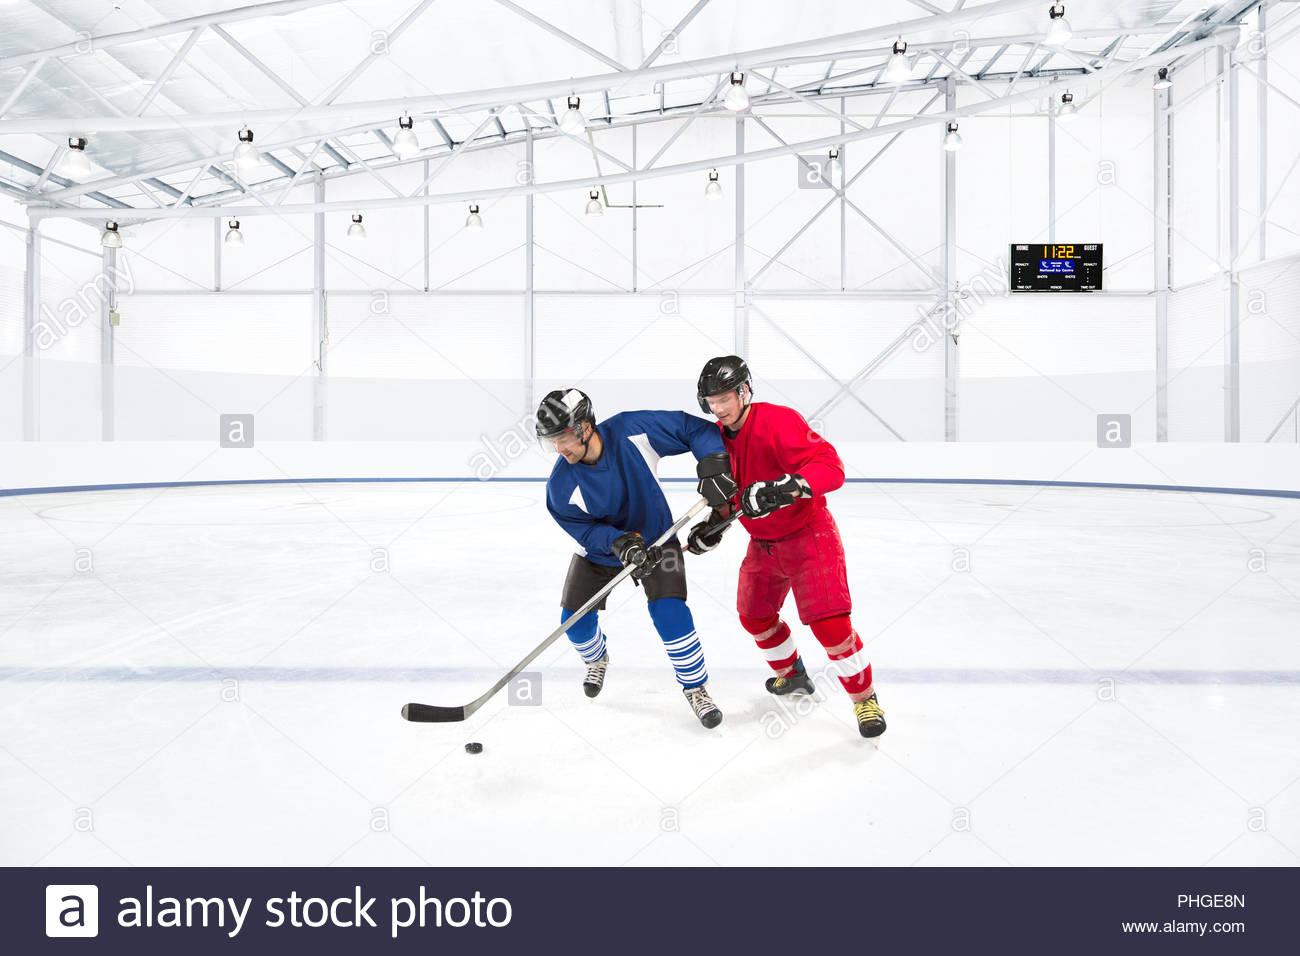 Giovani uomini in concorrenza nel corso di hockey su ghiaccio Immagini Stock